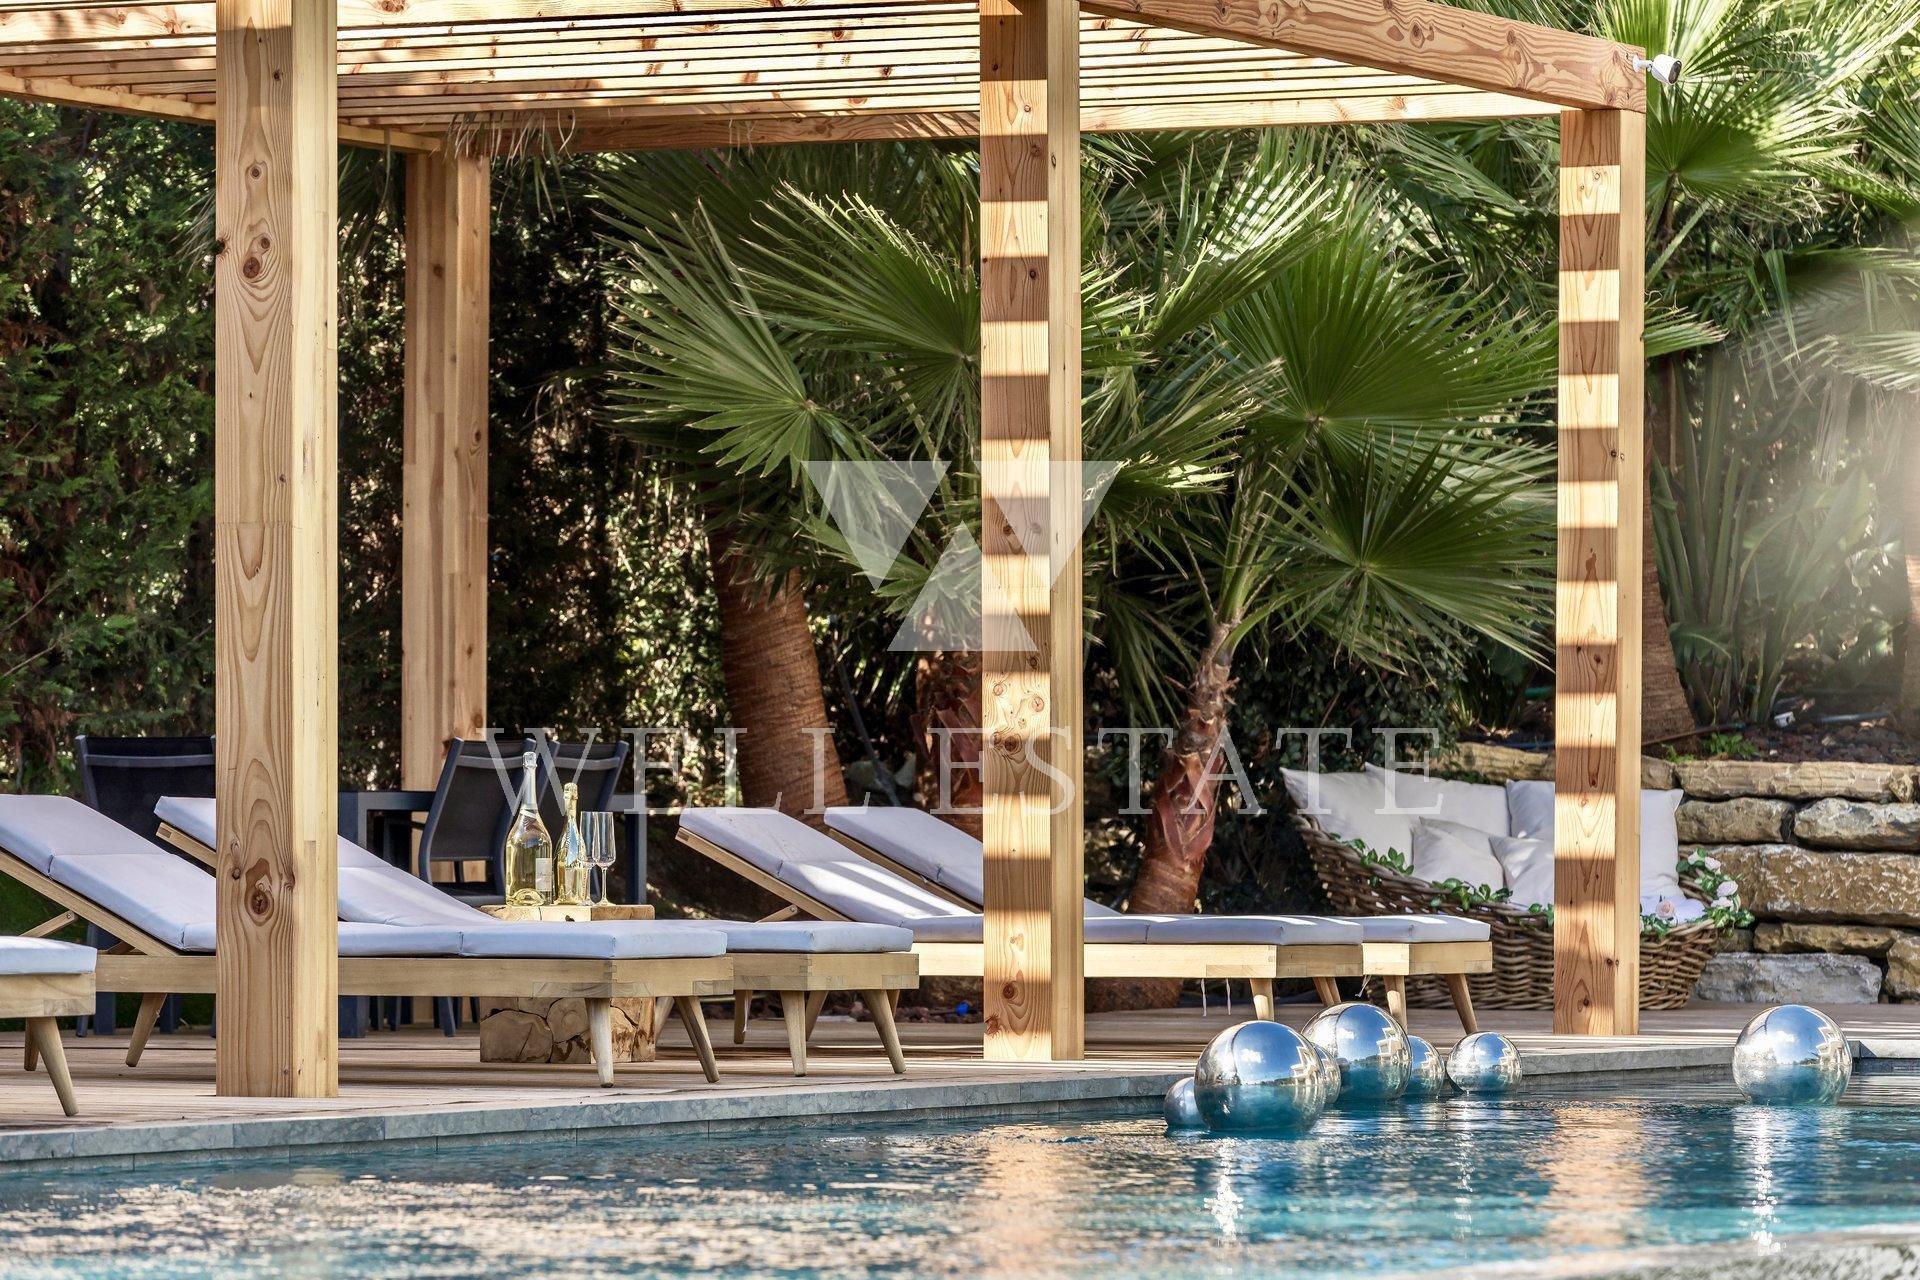 Мужан новая современная вилла 720м2 на участке 2900м2 с бассейном и мини гольфом